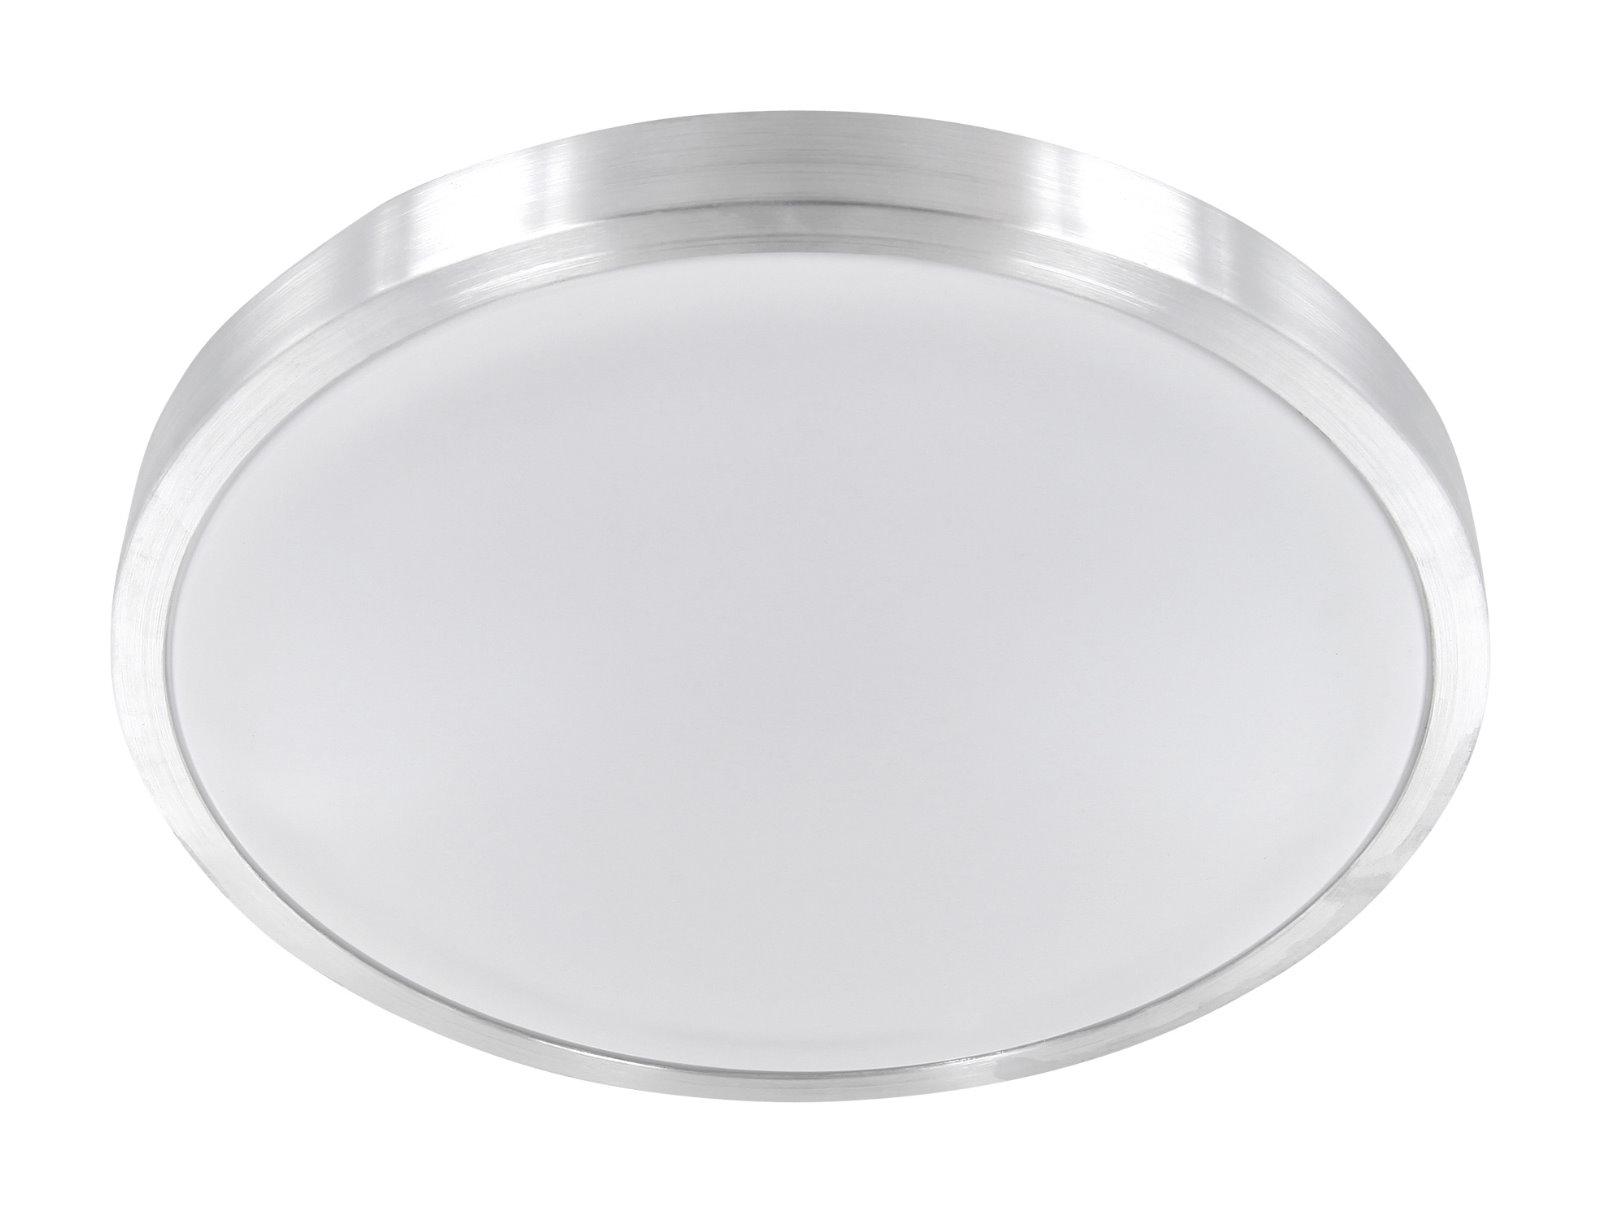 LED Aluminium Deckenleuchte 12W IP44 - warmweiß